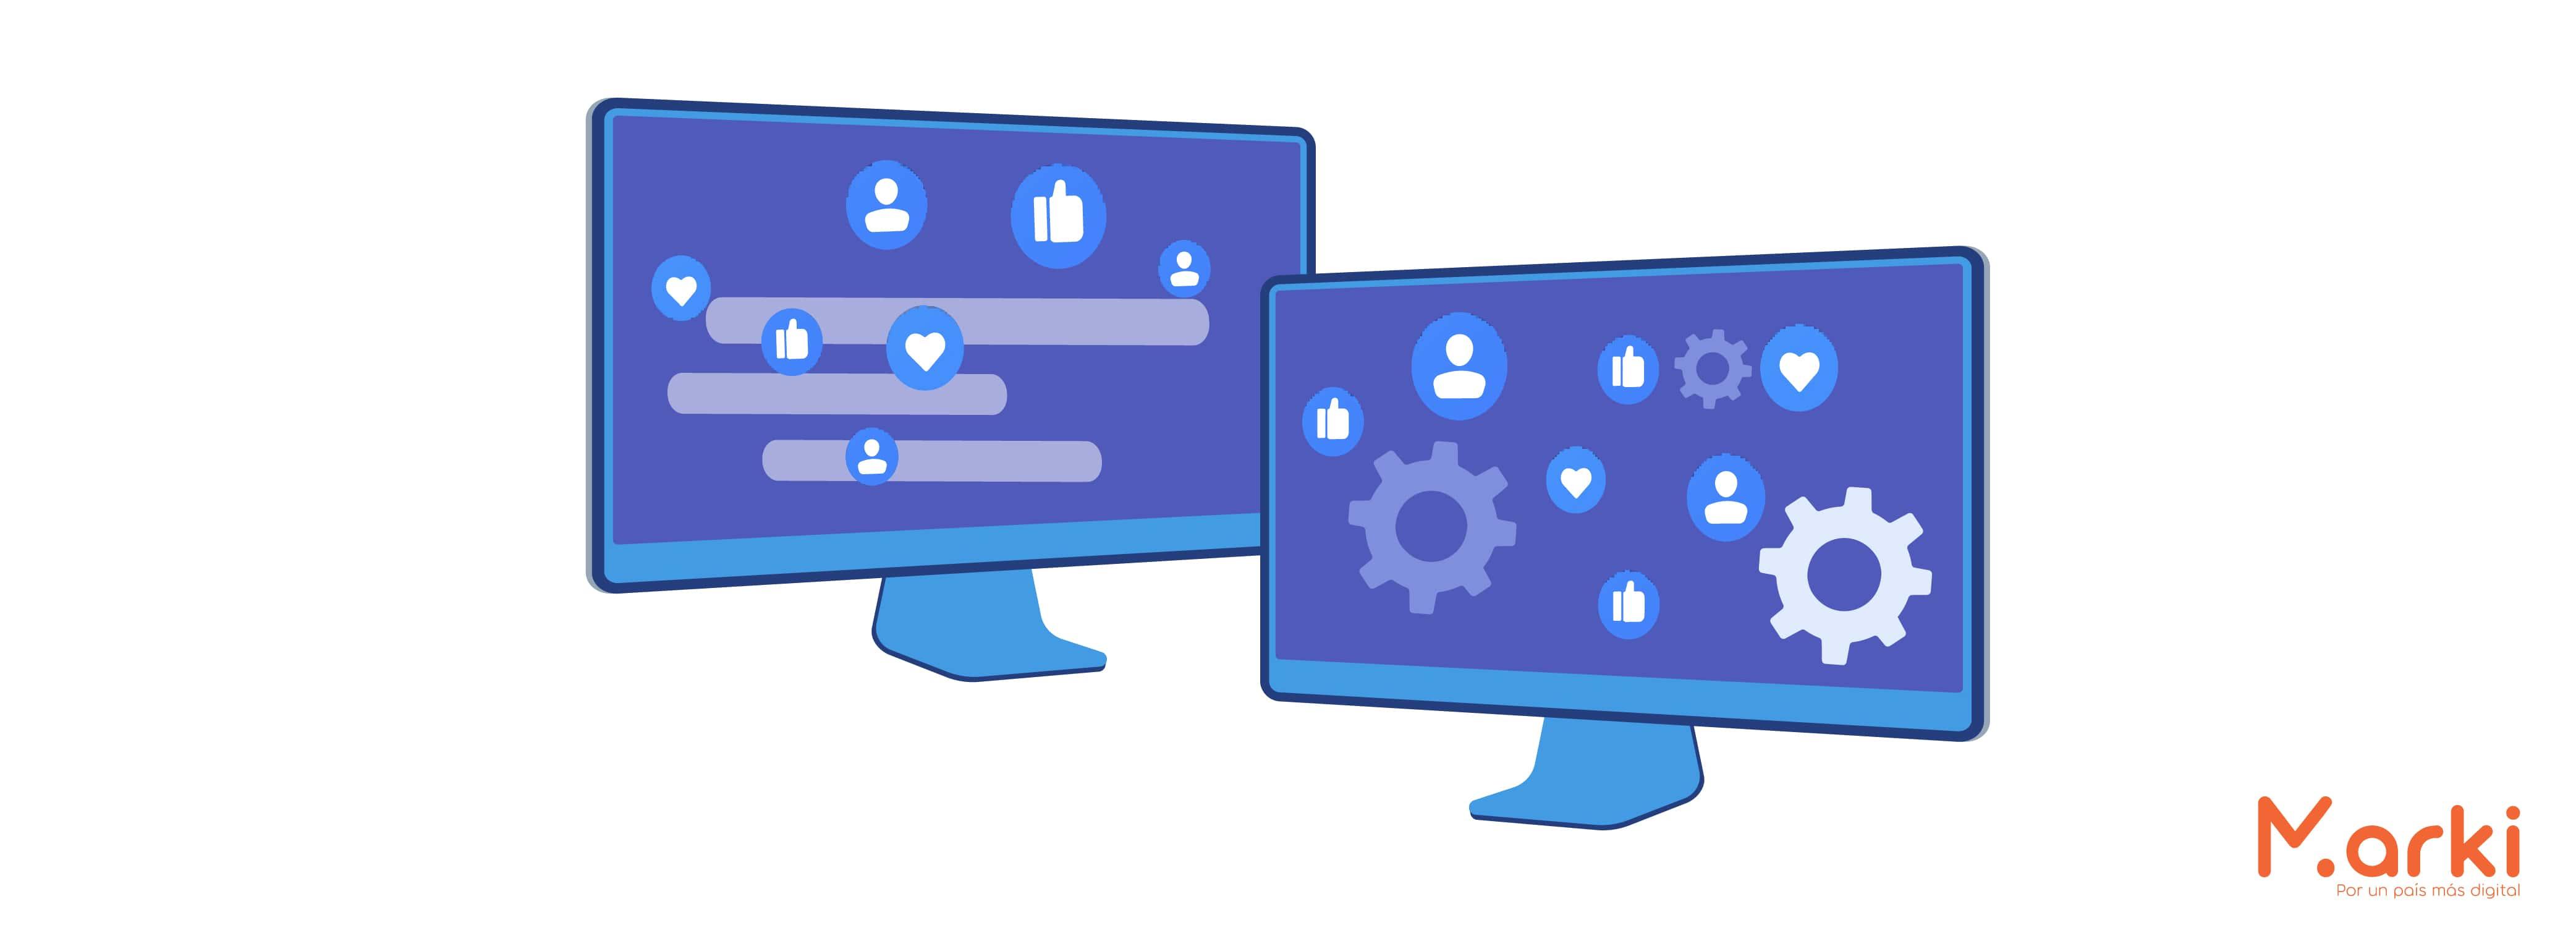 computadoras azules marki.pe marki que es una landing page y para que sirve landing page para que sirve diferencias entre landing page y sitio web que es una landing page diseño de marki